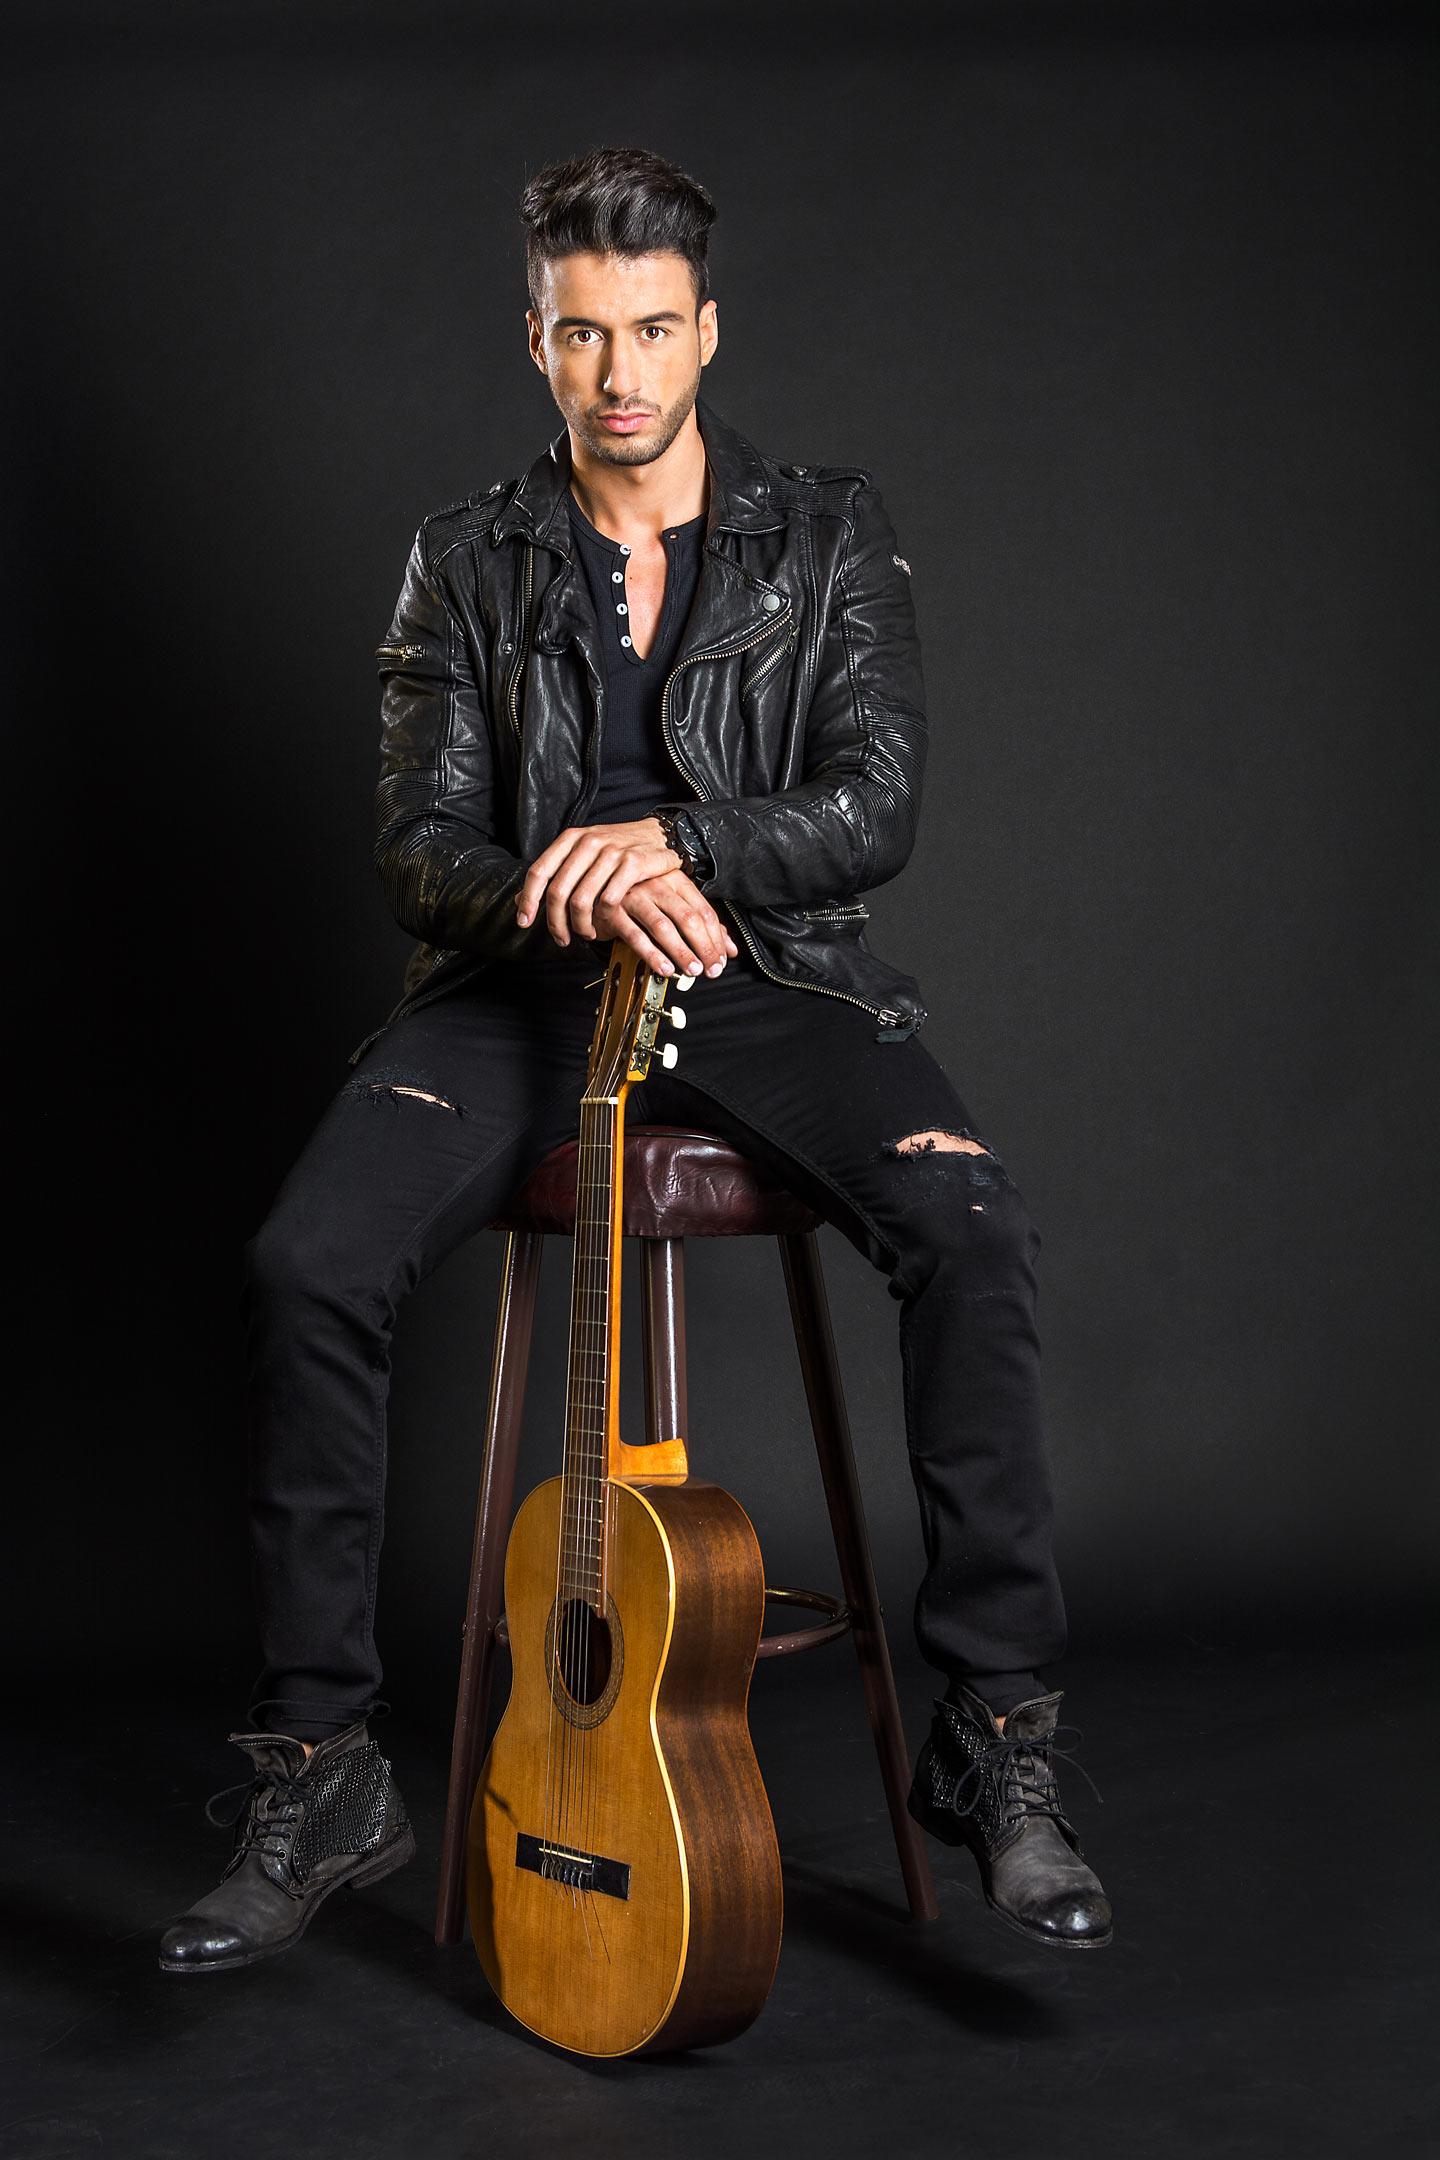 Fashion Mann mit Gitarre fotoedmundo